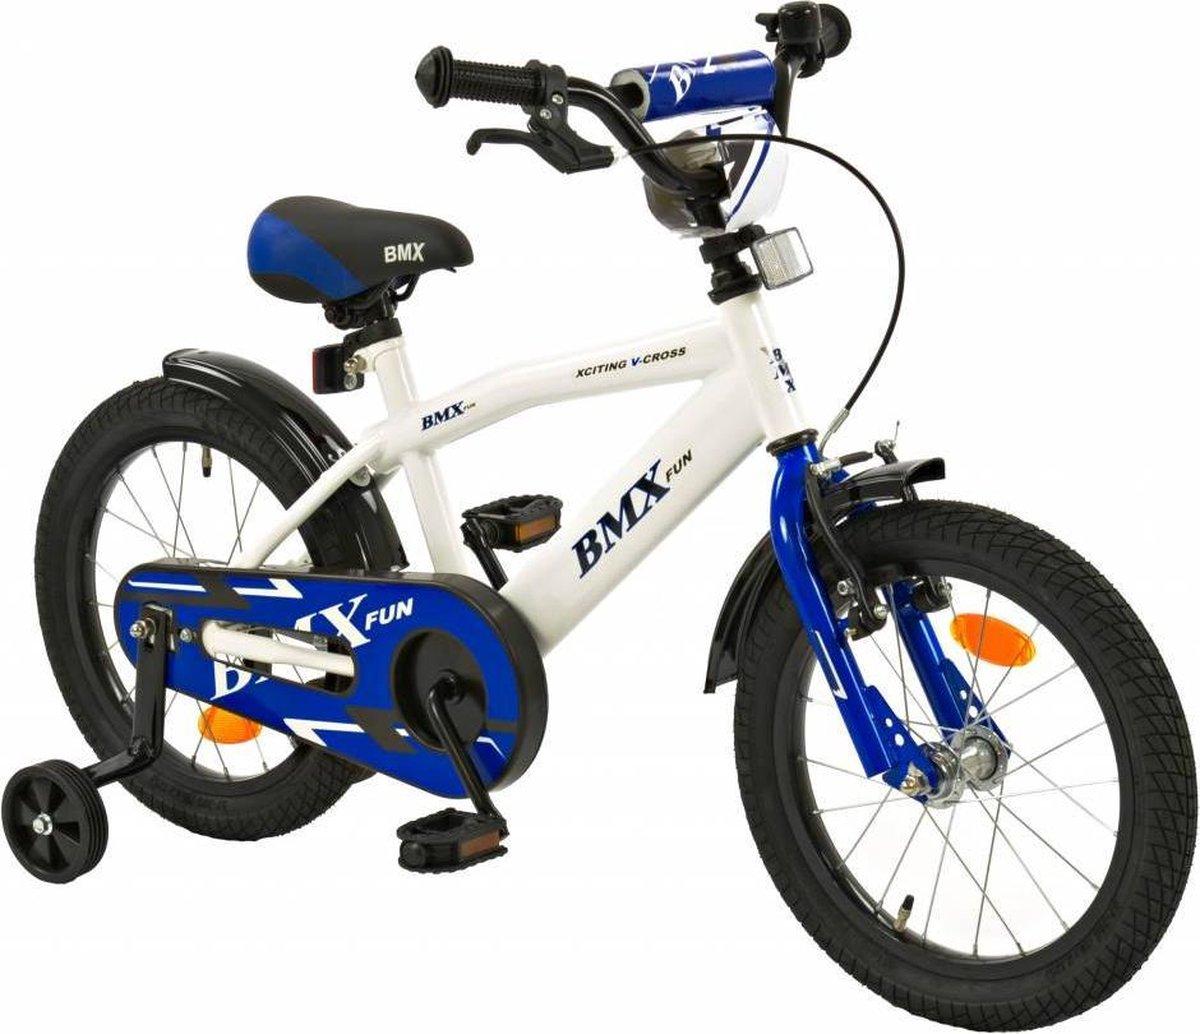 2Cycle BMX Kinderfiets - 16 inch - Wit-Blauw - Jongensfiets